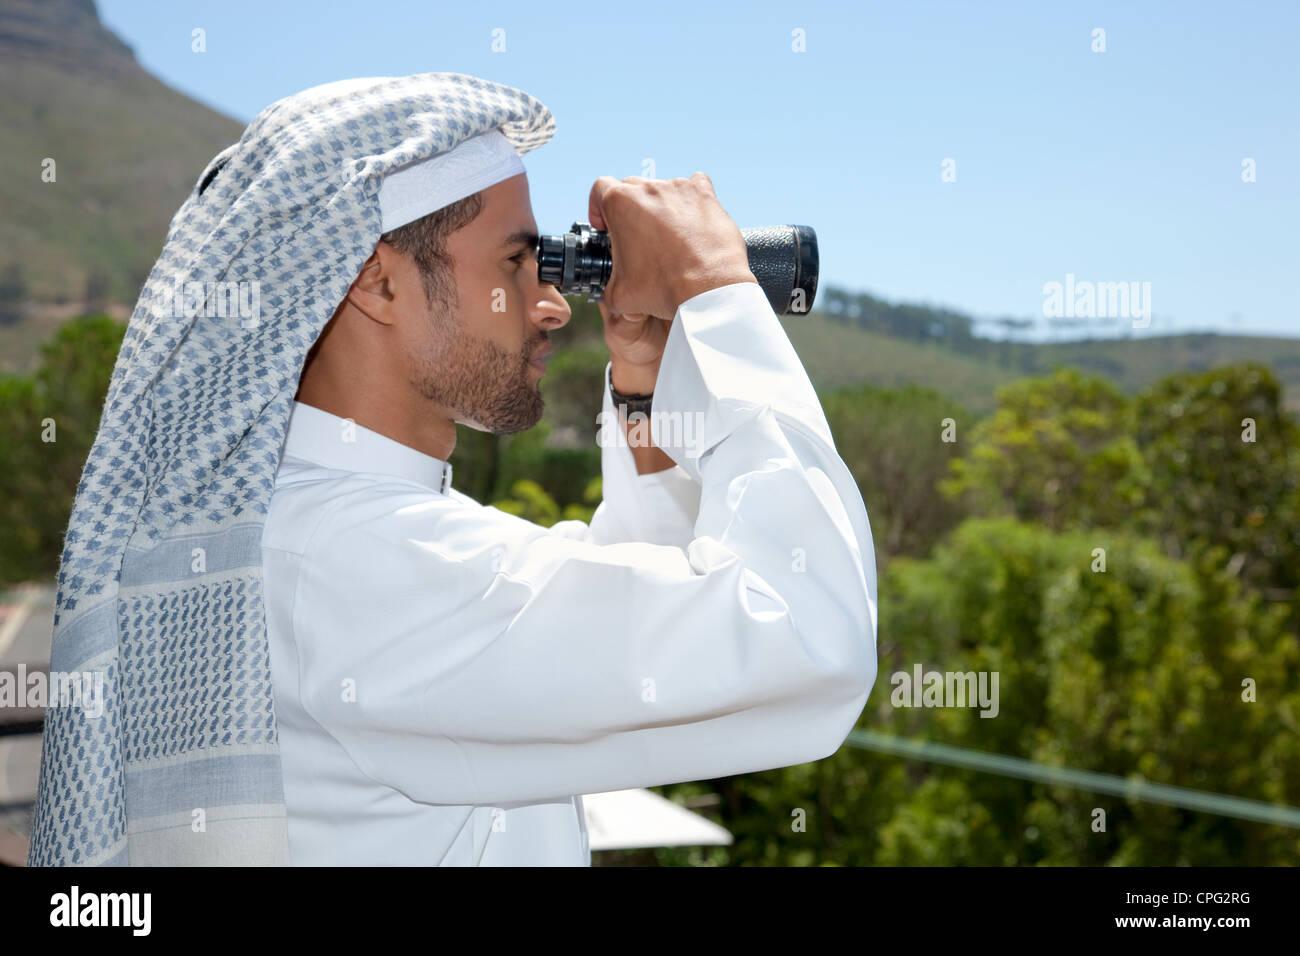 Hombre árabe con binoculares, de pie en el balcón. Imagen De Stock